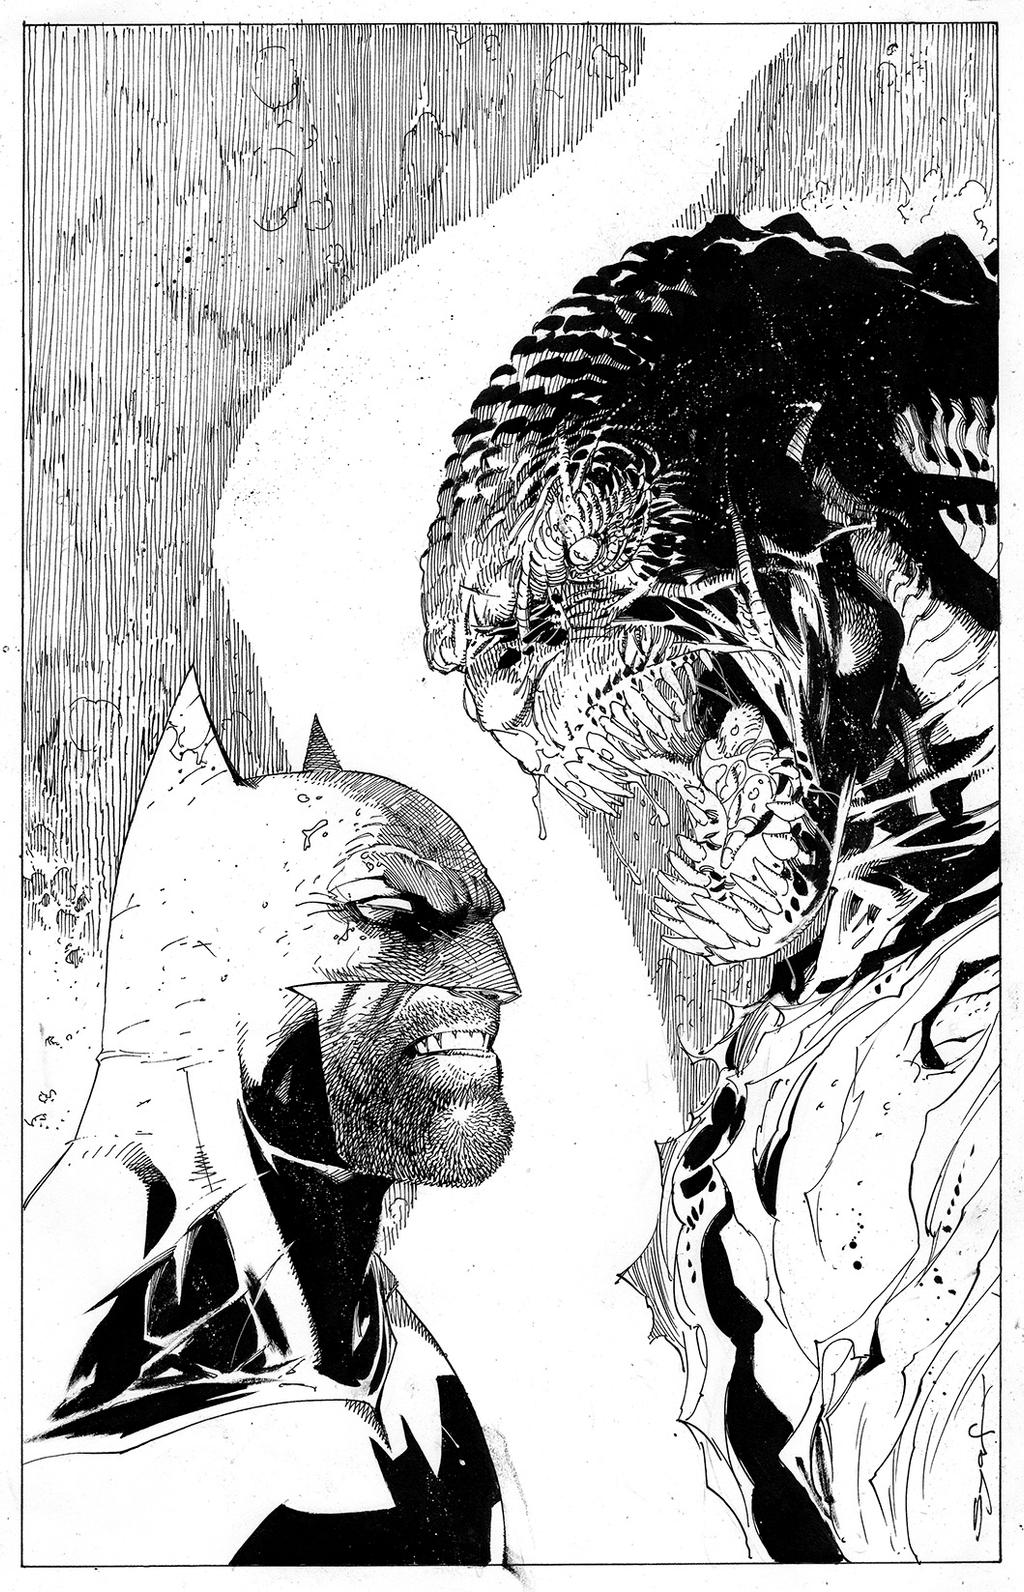 Bat and Croc by ardian-syaf